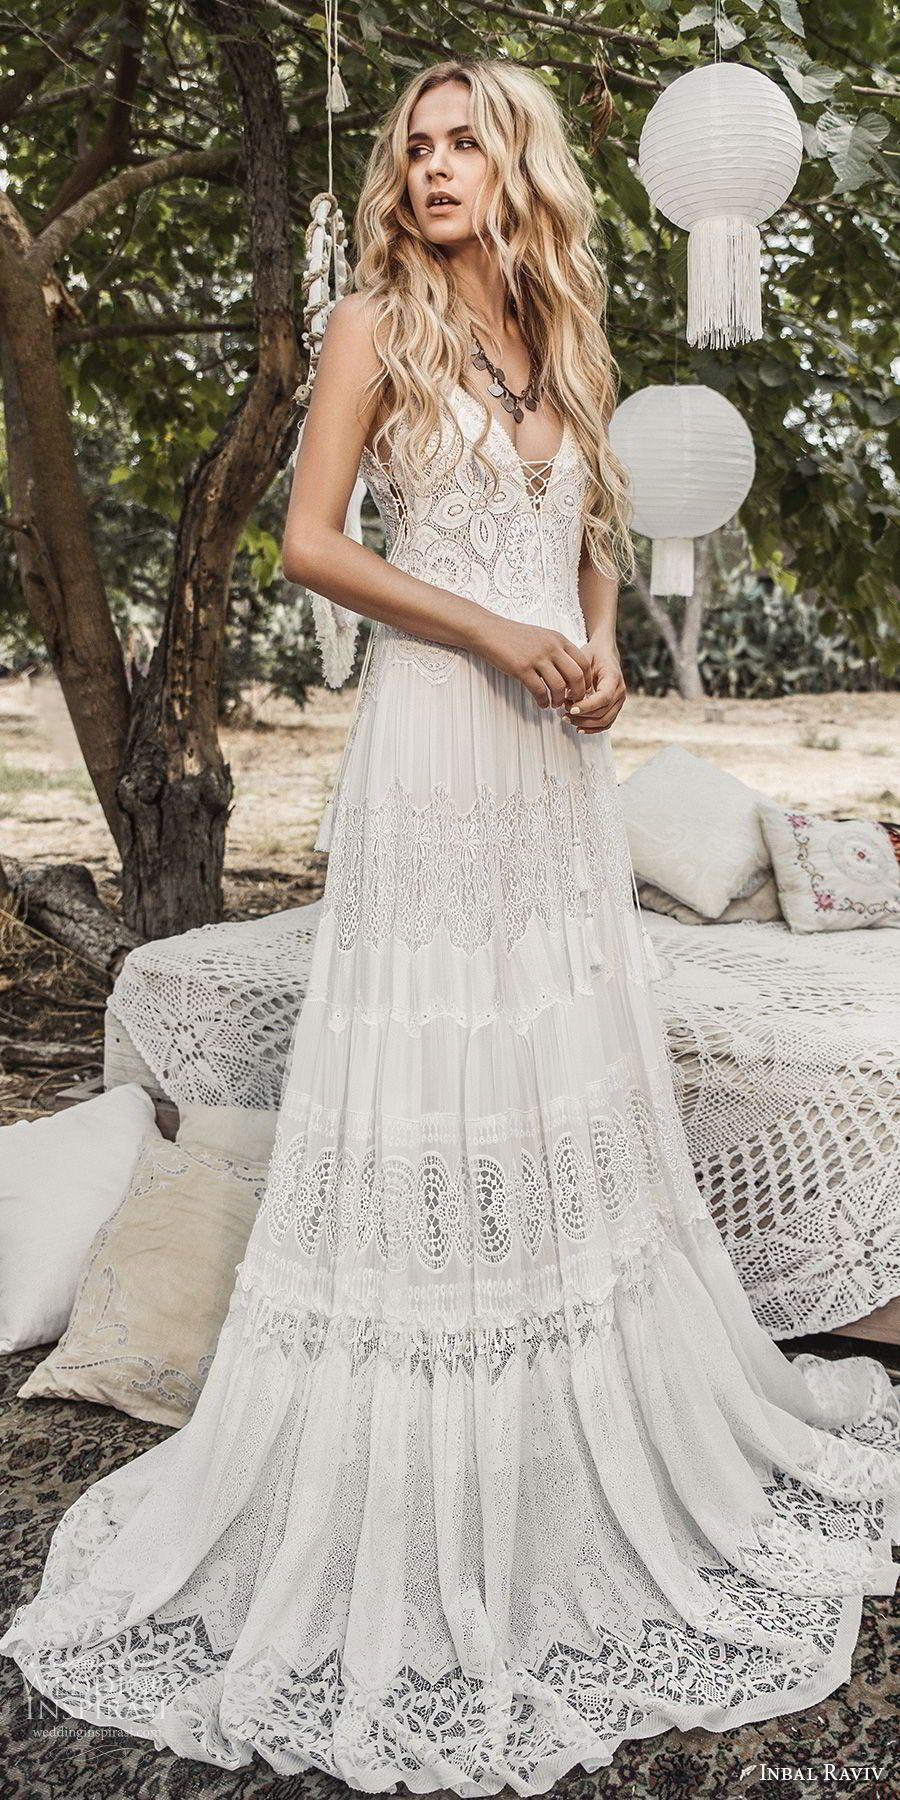 Inbal Raviv 20 Wedding Dresses  Hochzeit  Brautkleid  Kleid